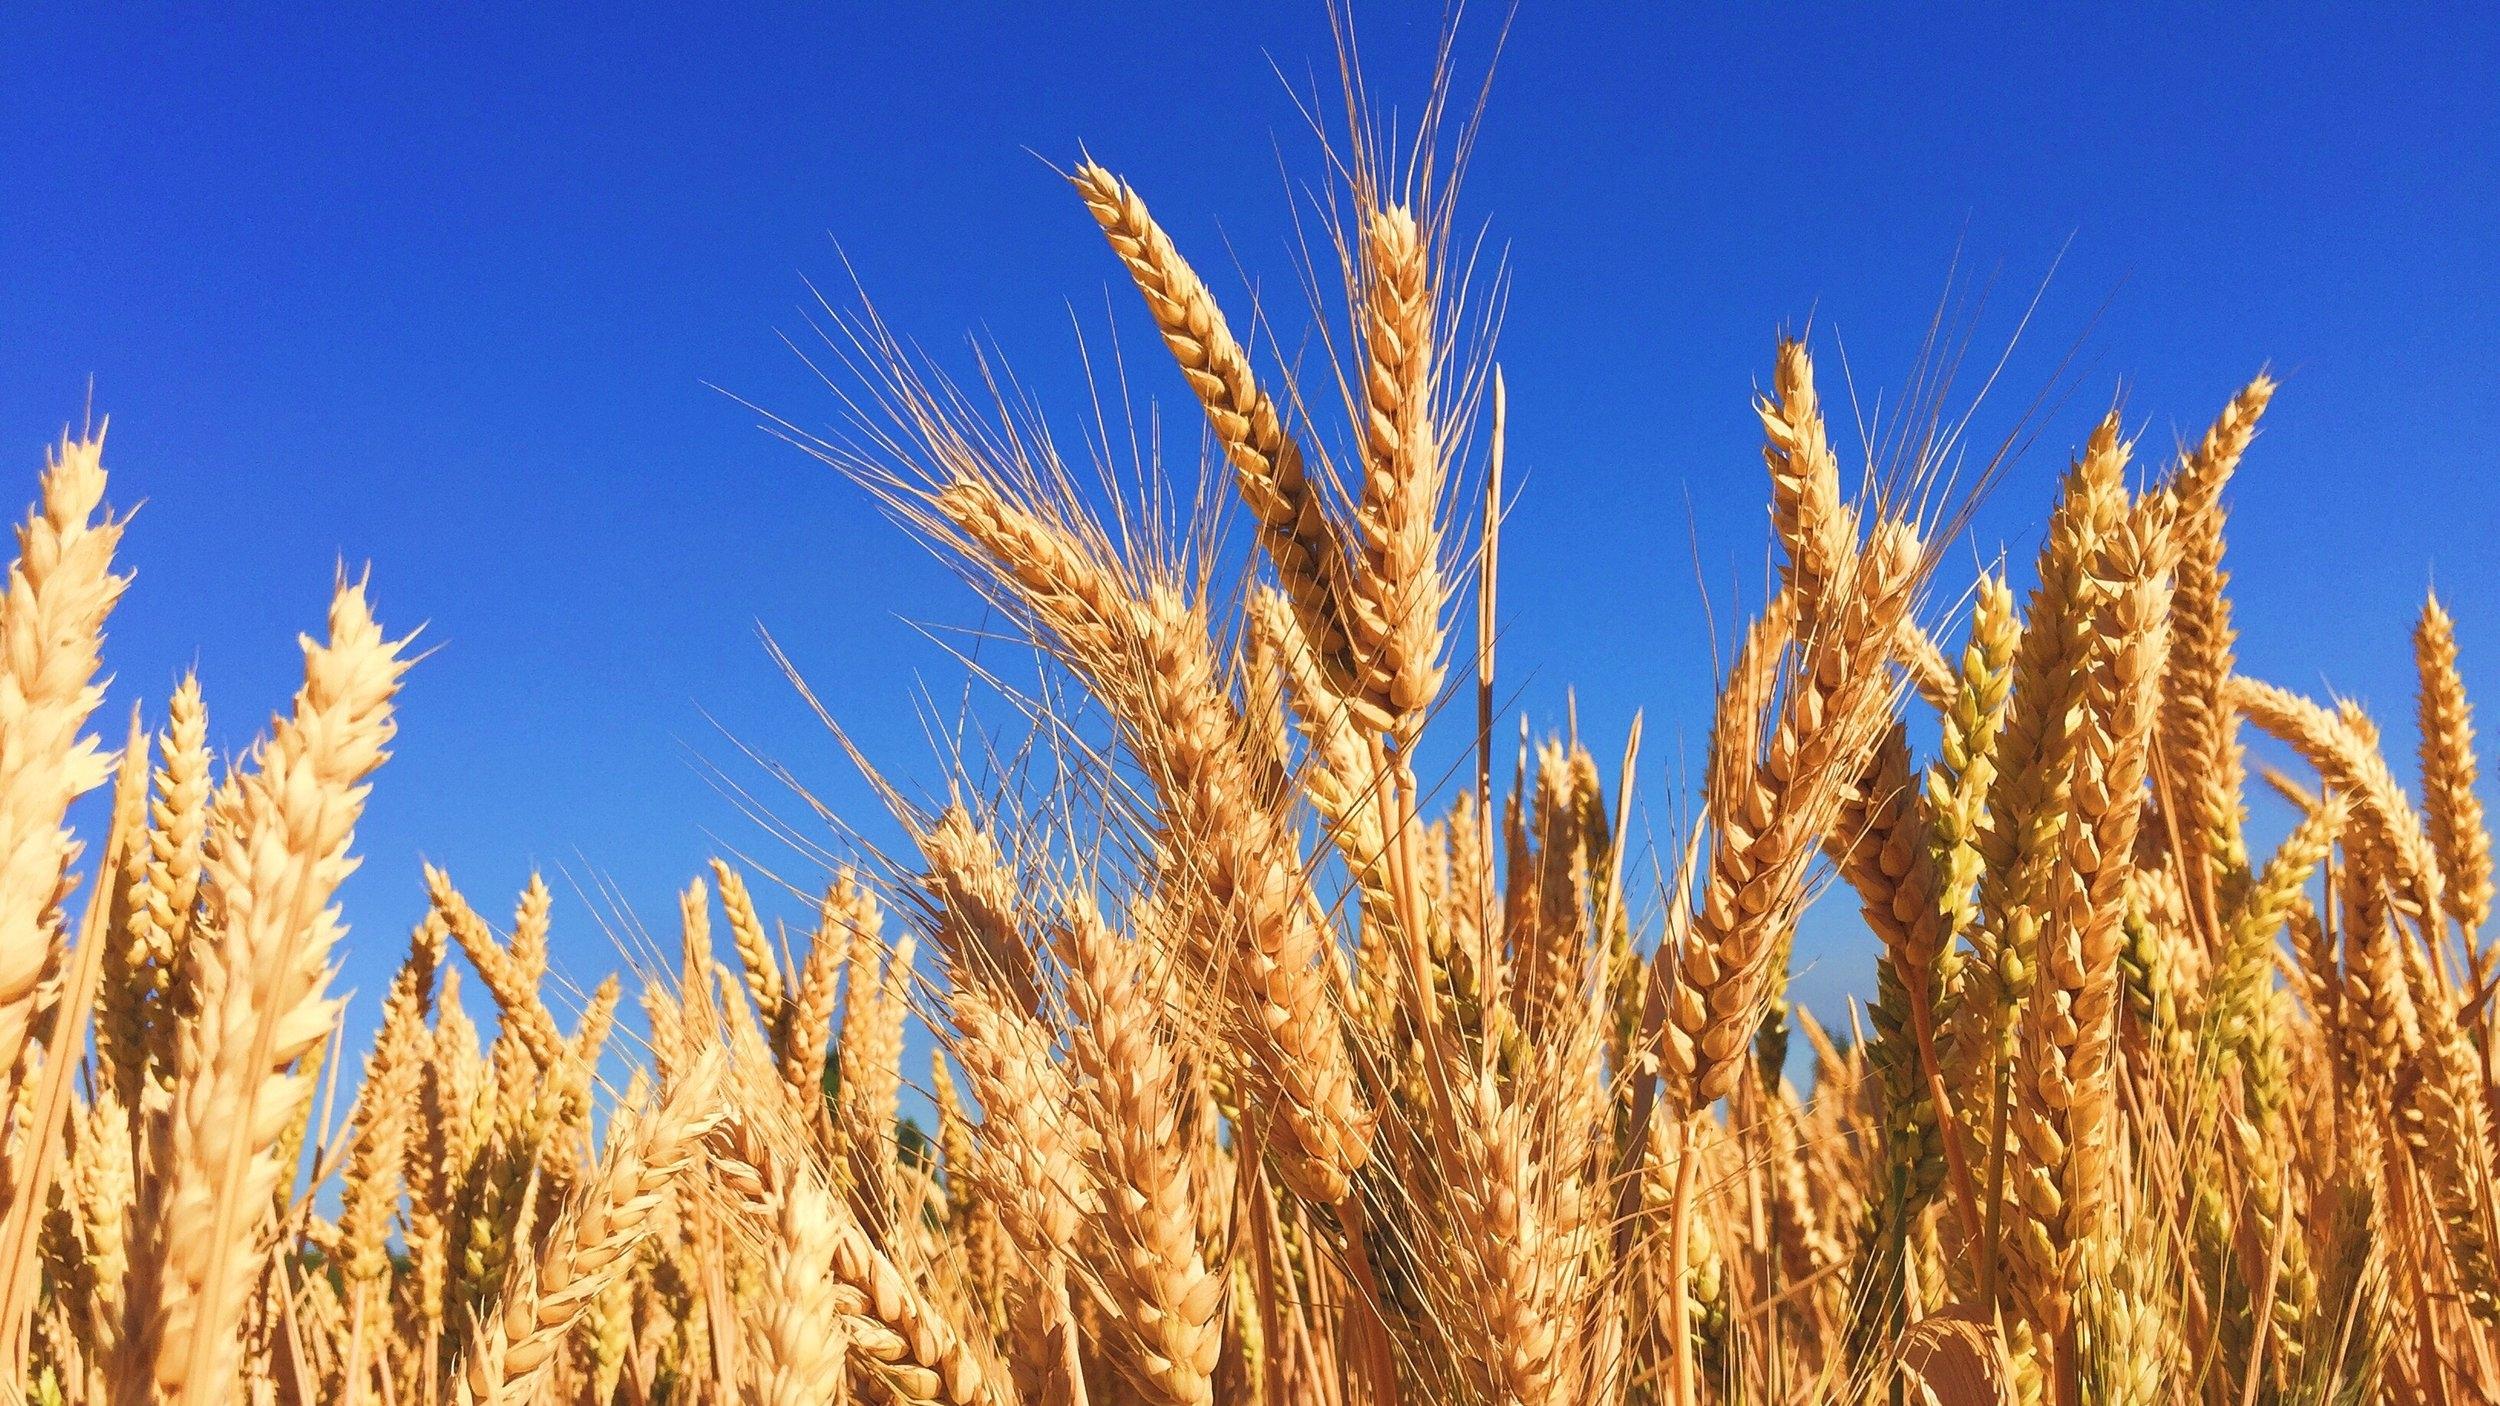 Wheat Field - Celiac Disease